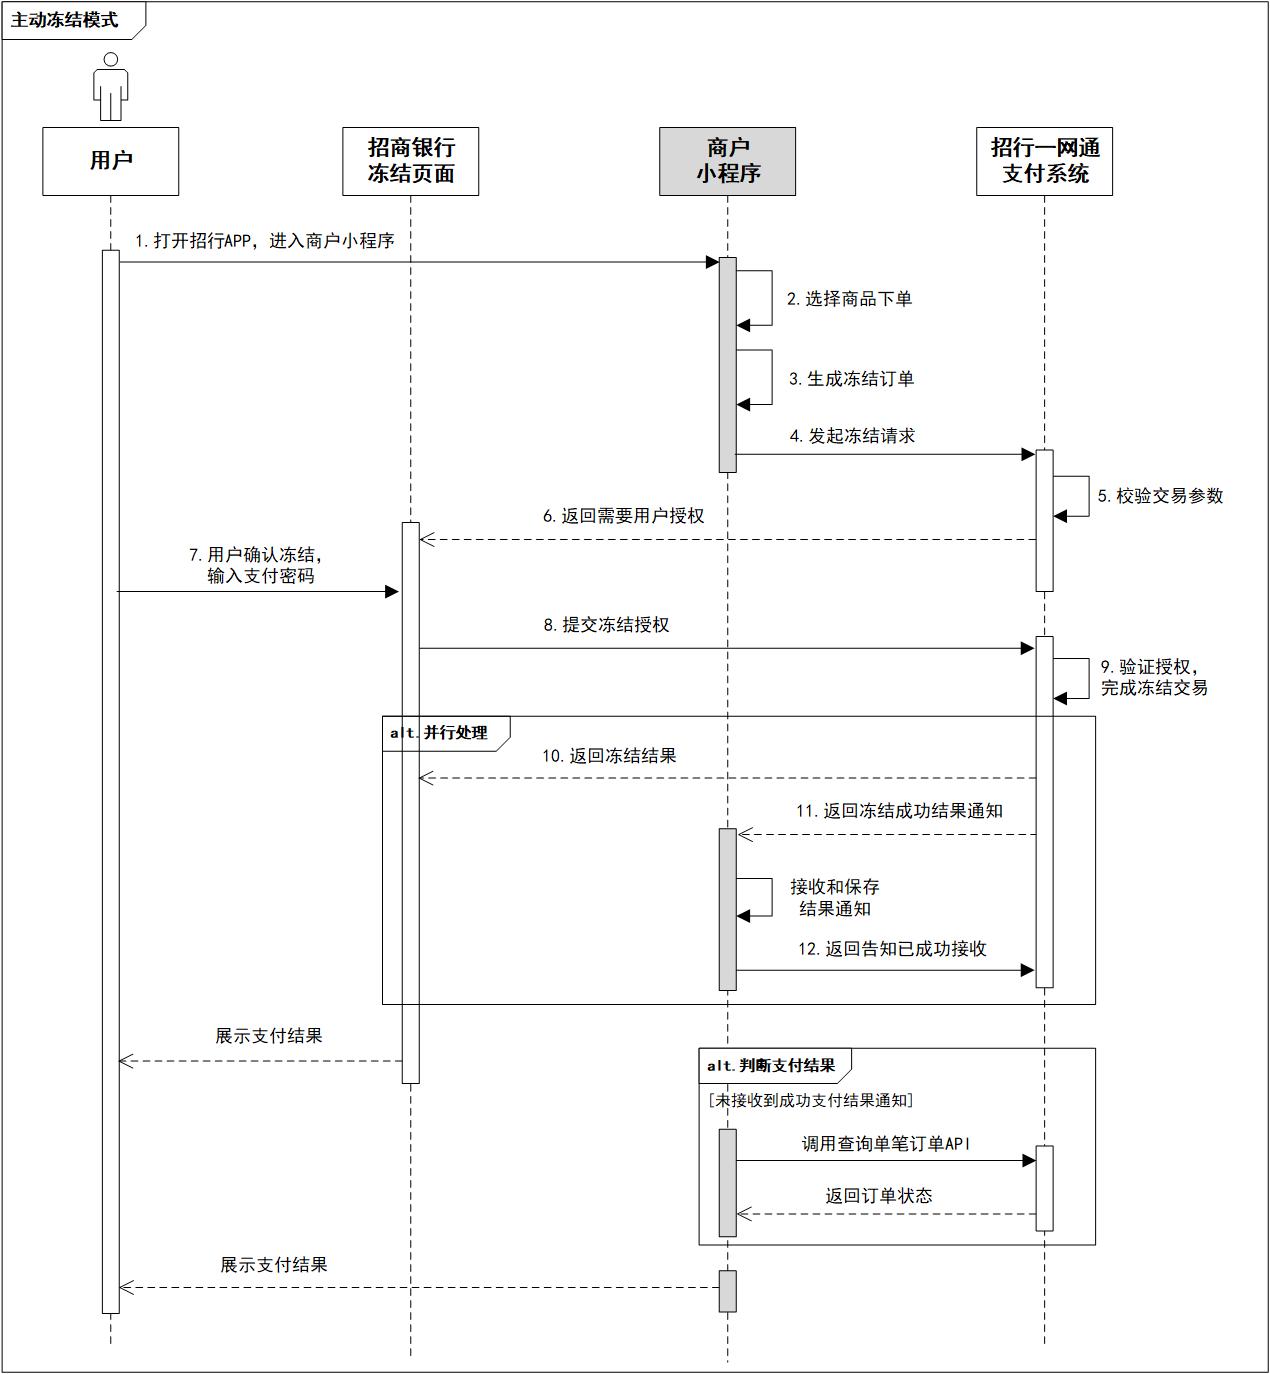 系统交互图.png